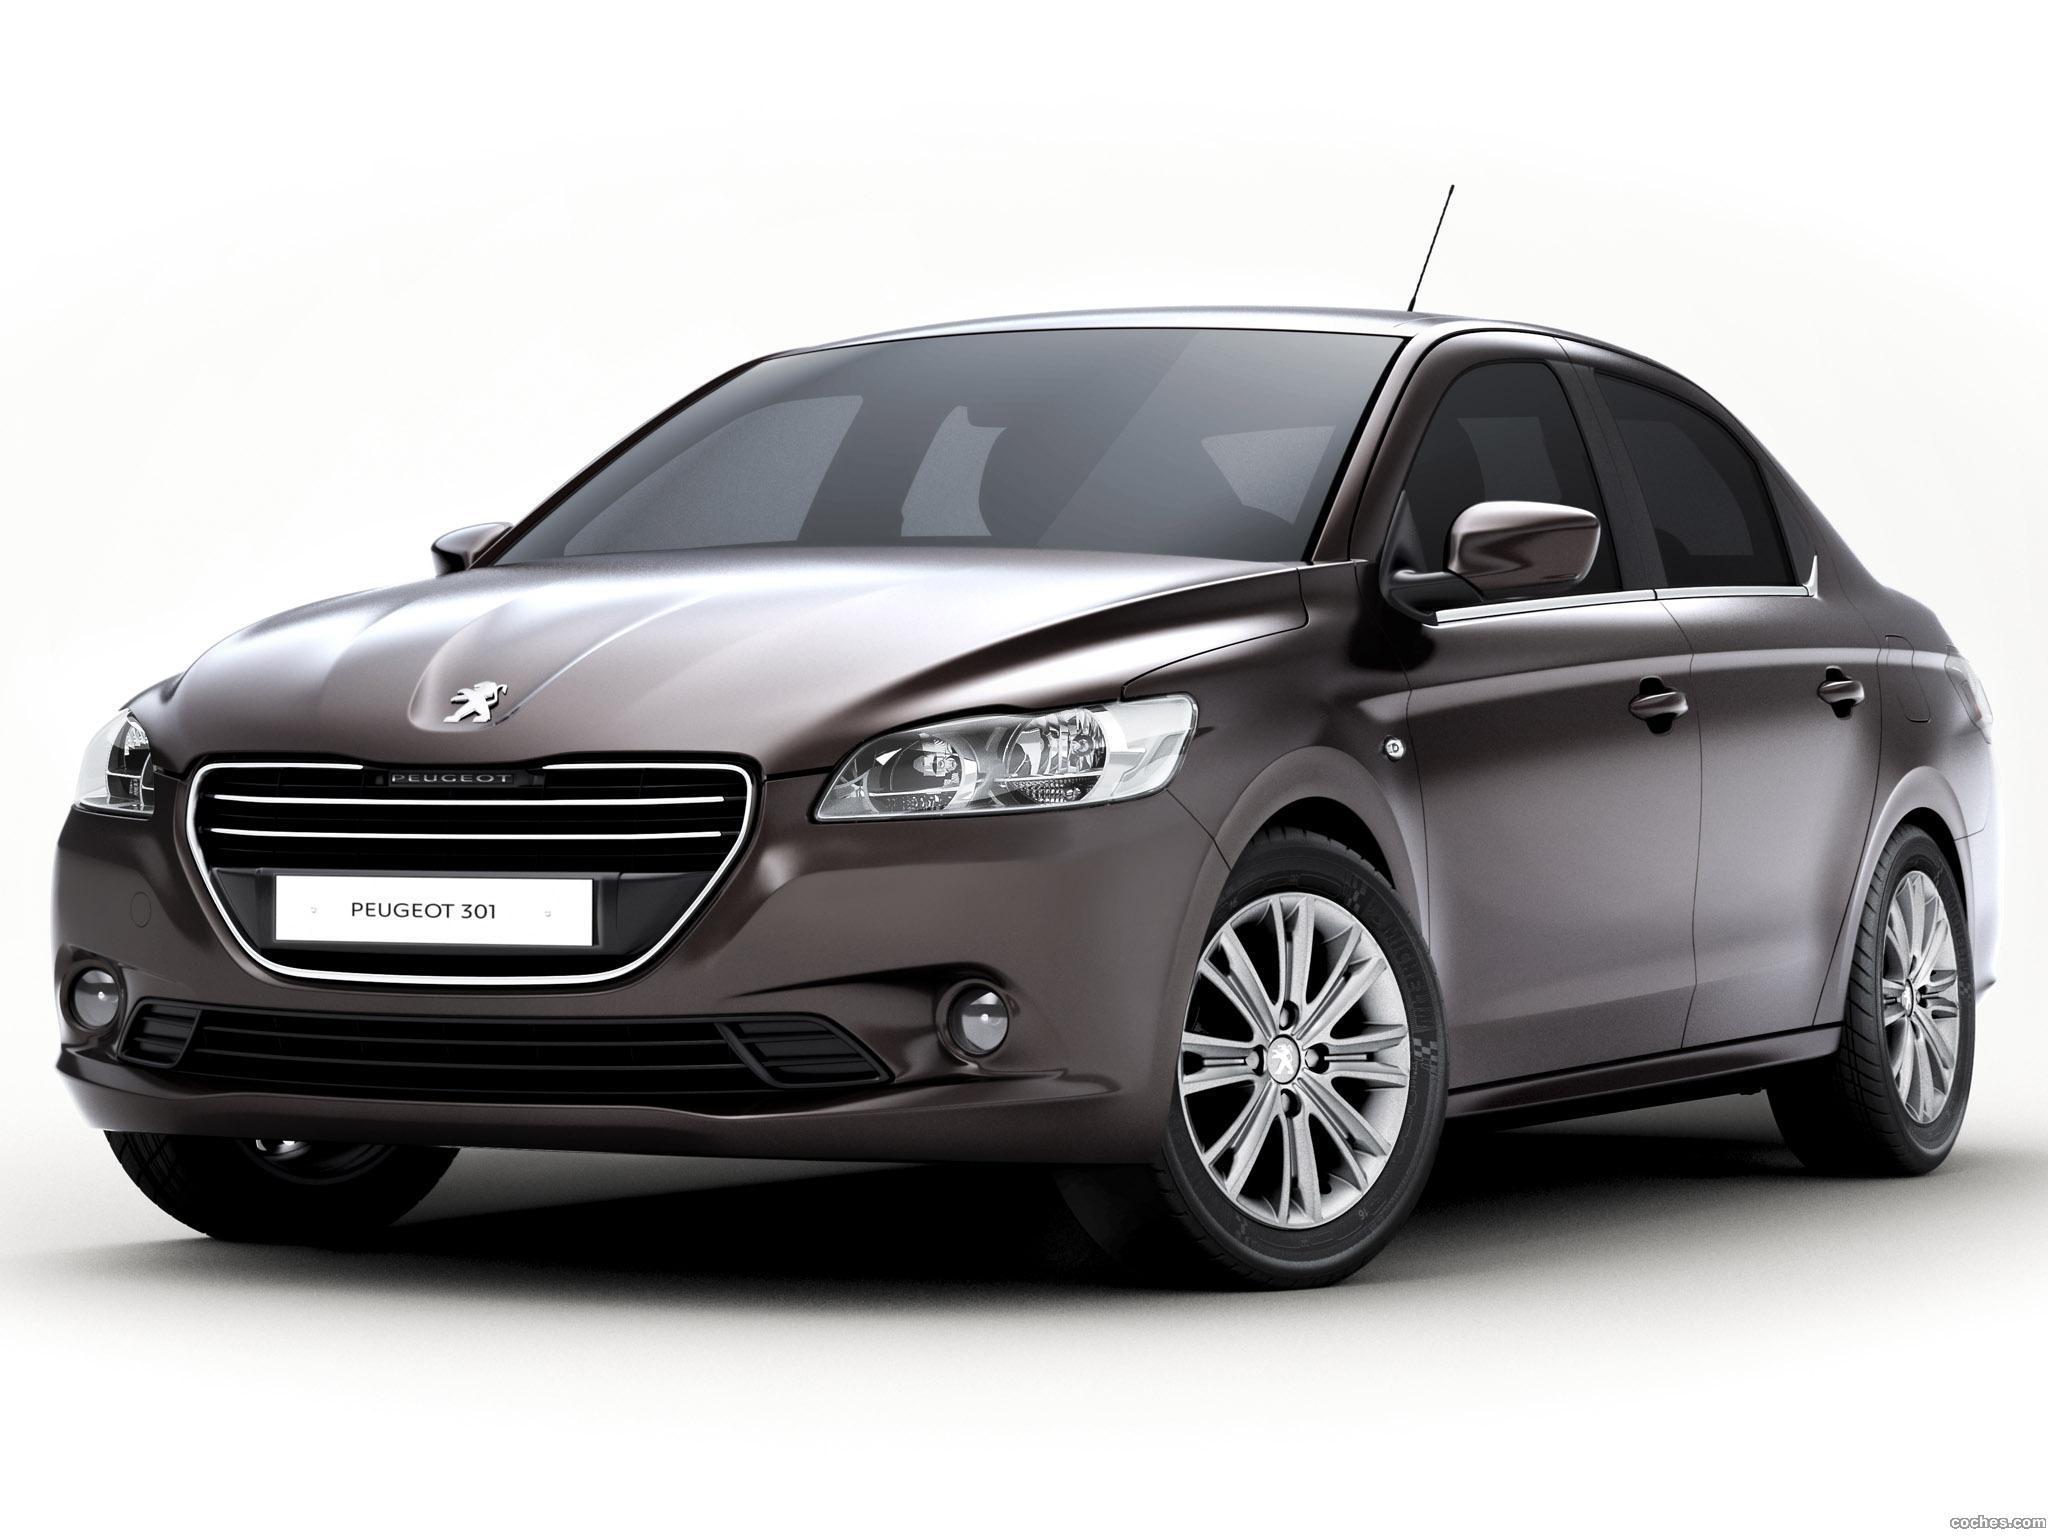 Foto 0 de Peugeot 301 2012